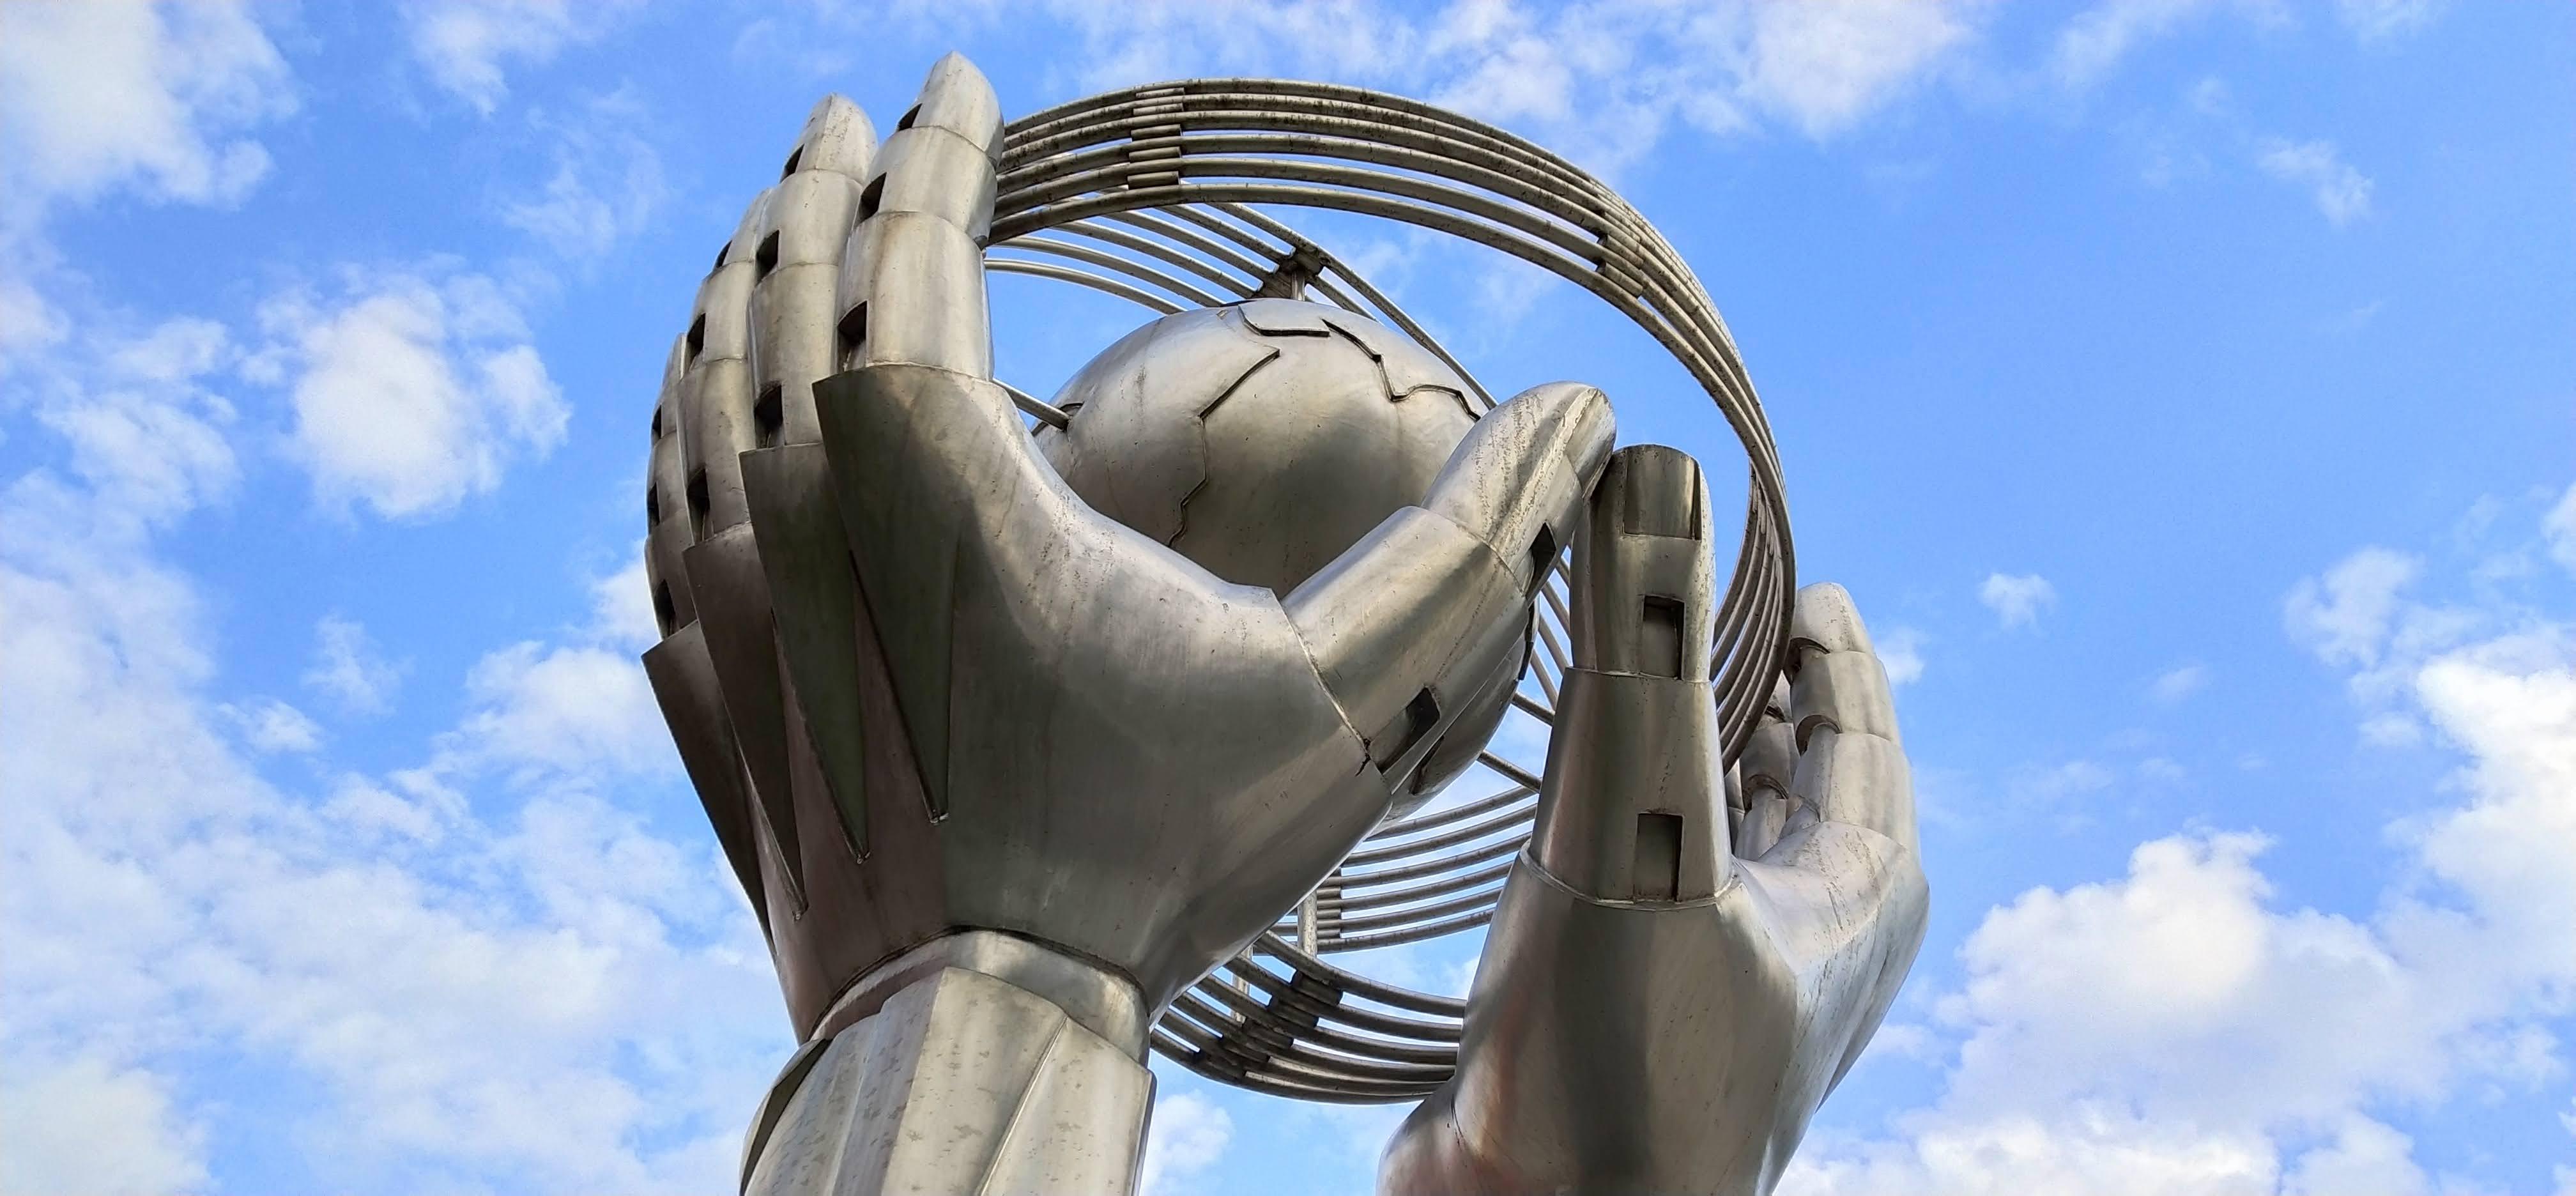 Sha Tin's sculpture Preserve planet earth